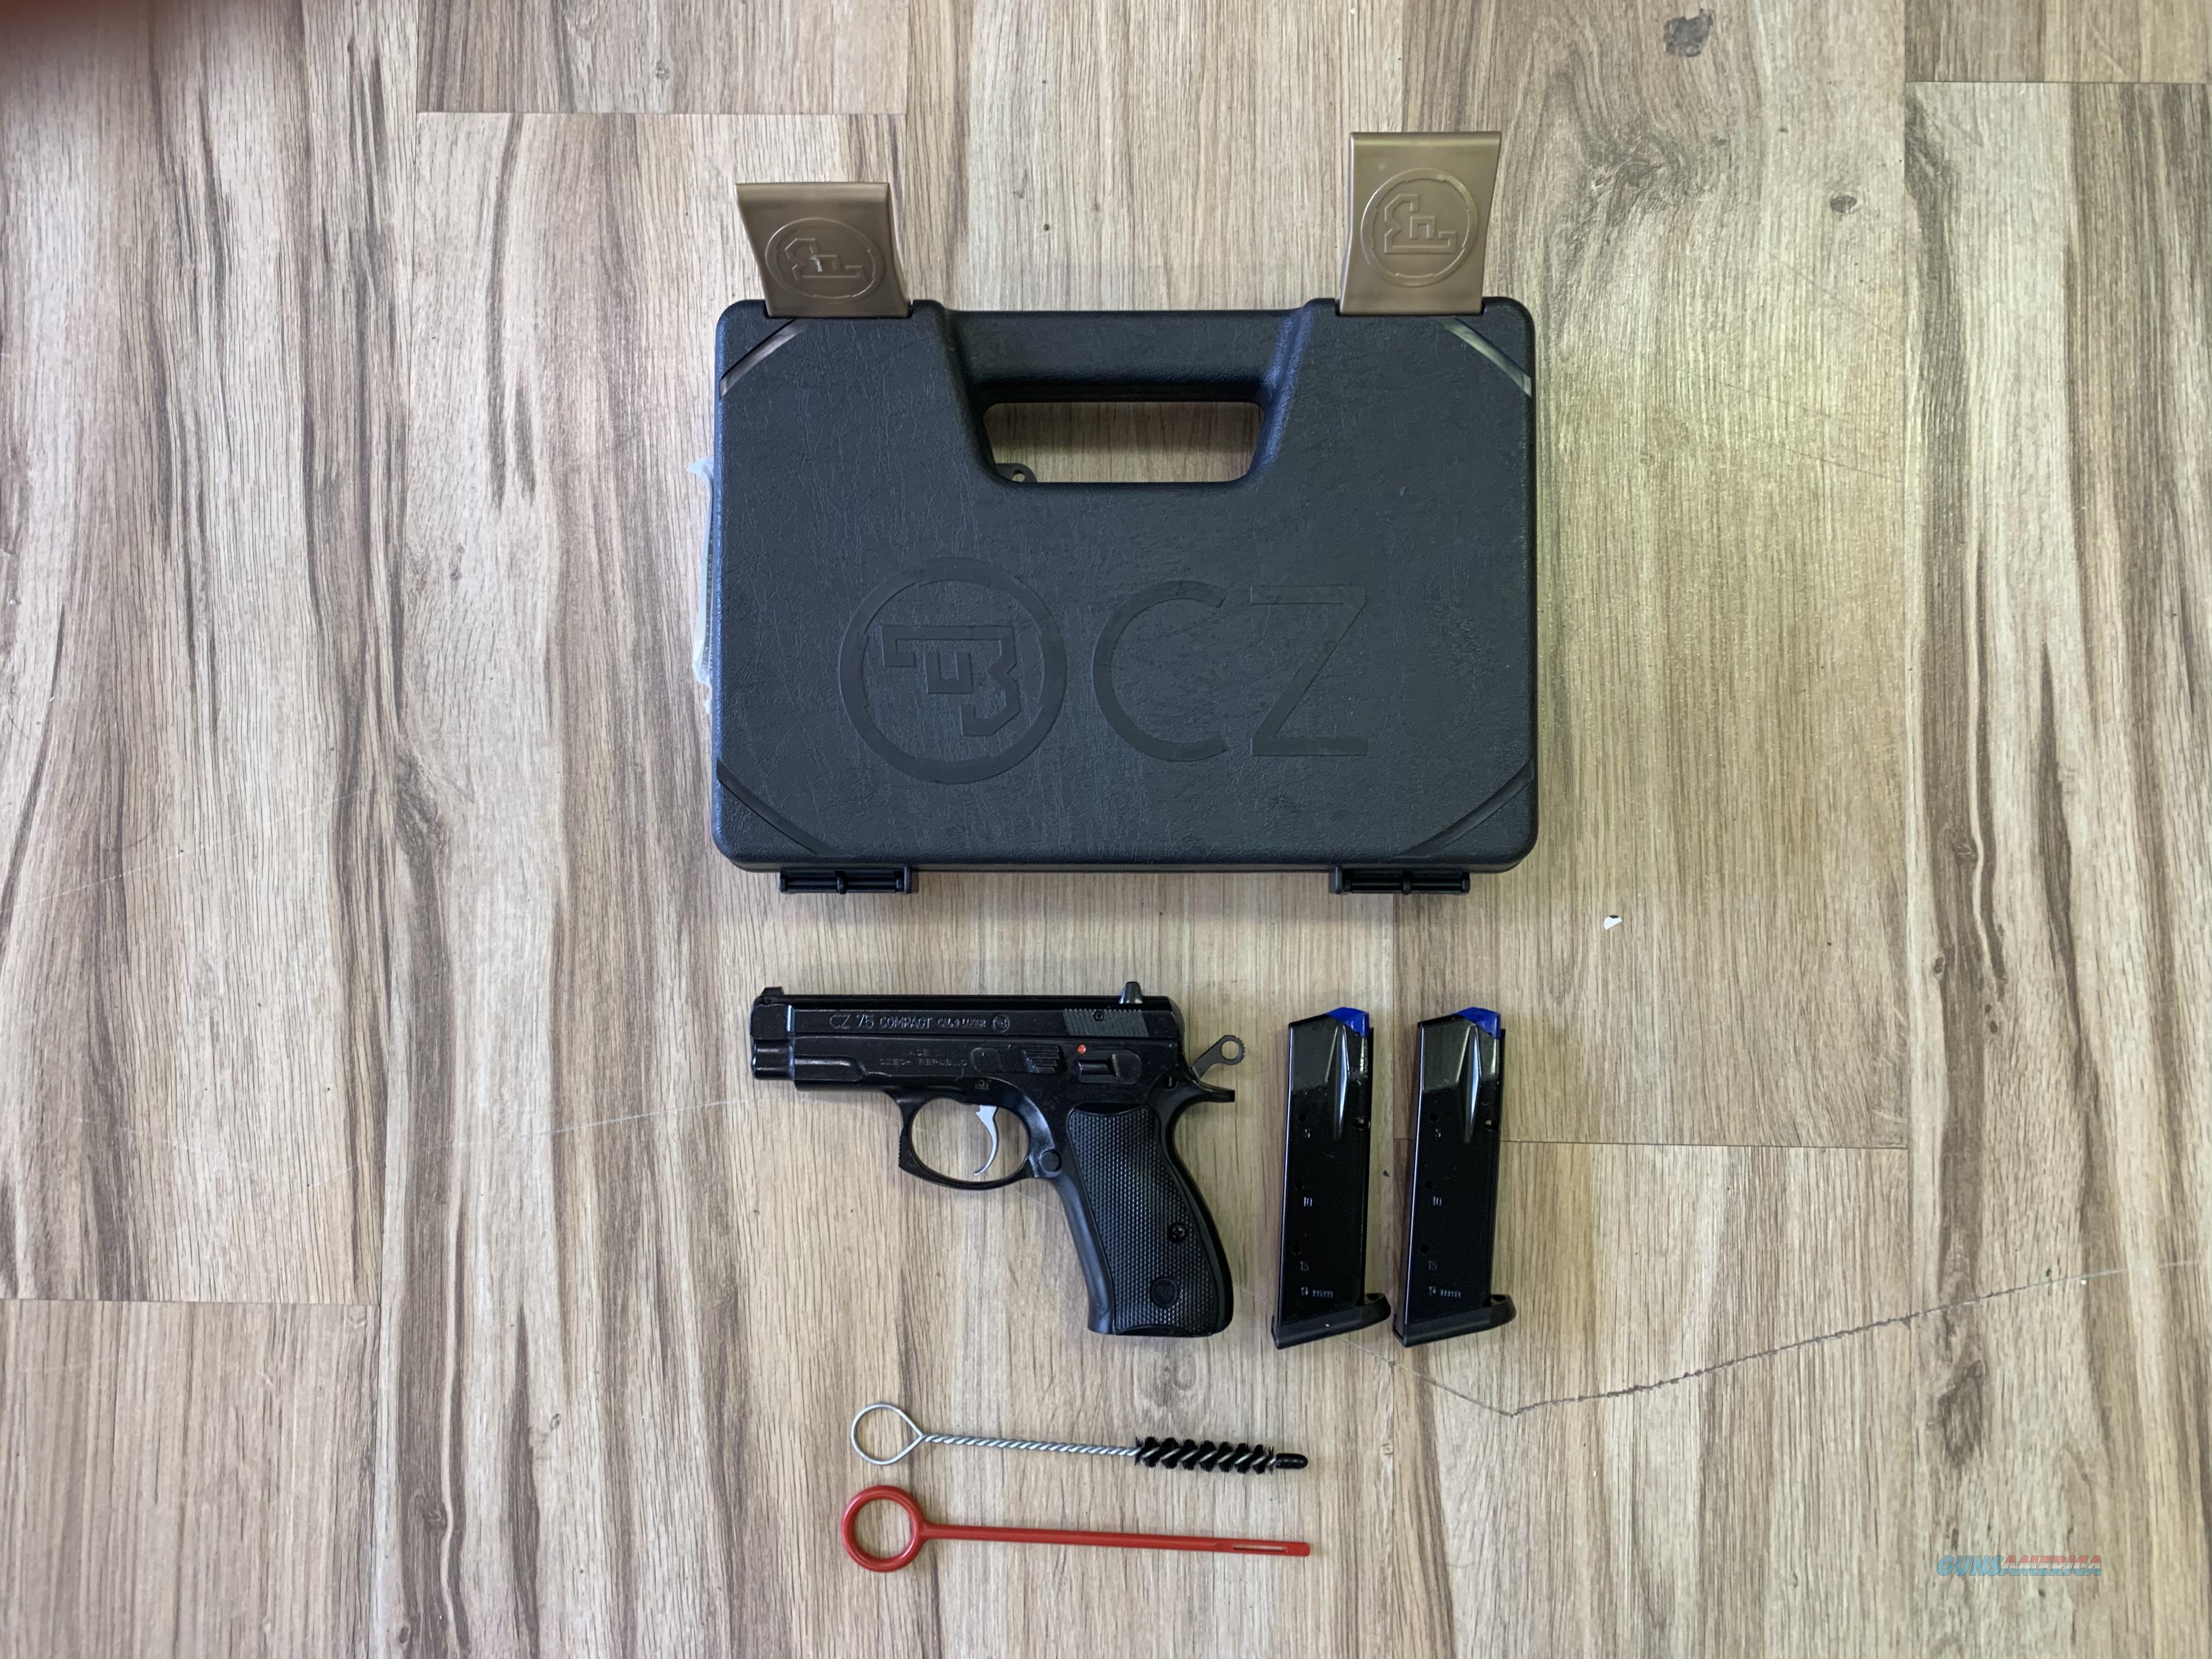 CZ 75 COMPACT  Guns > Pistols > CZ Pistols